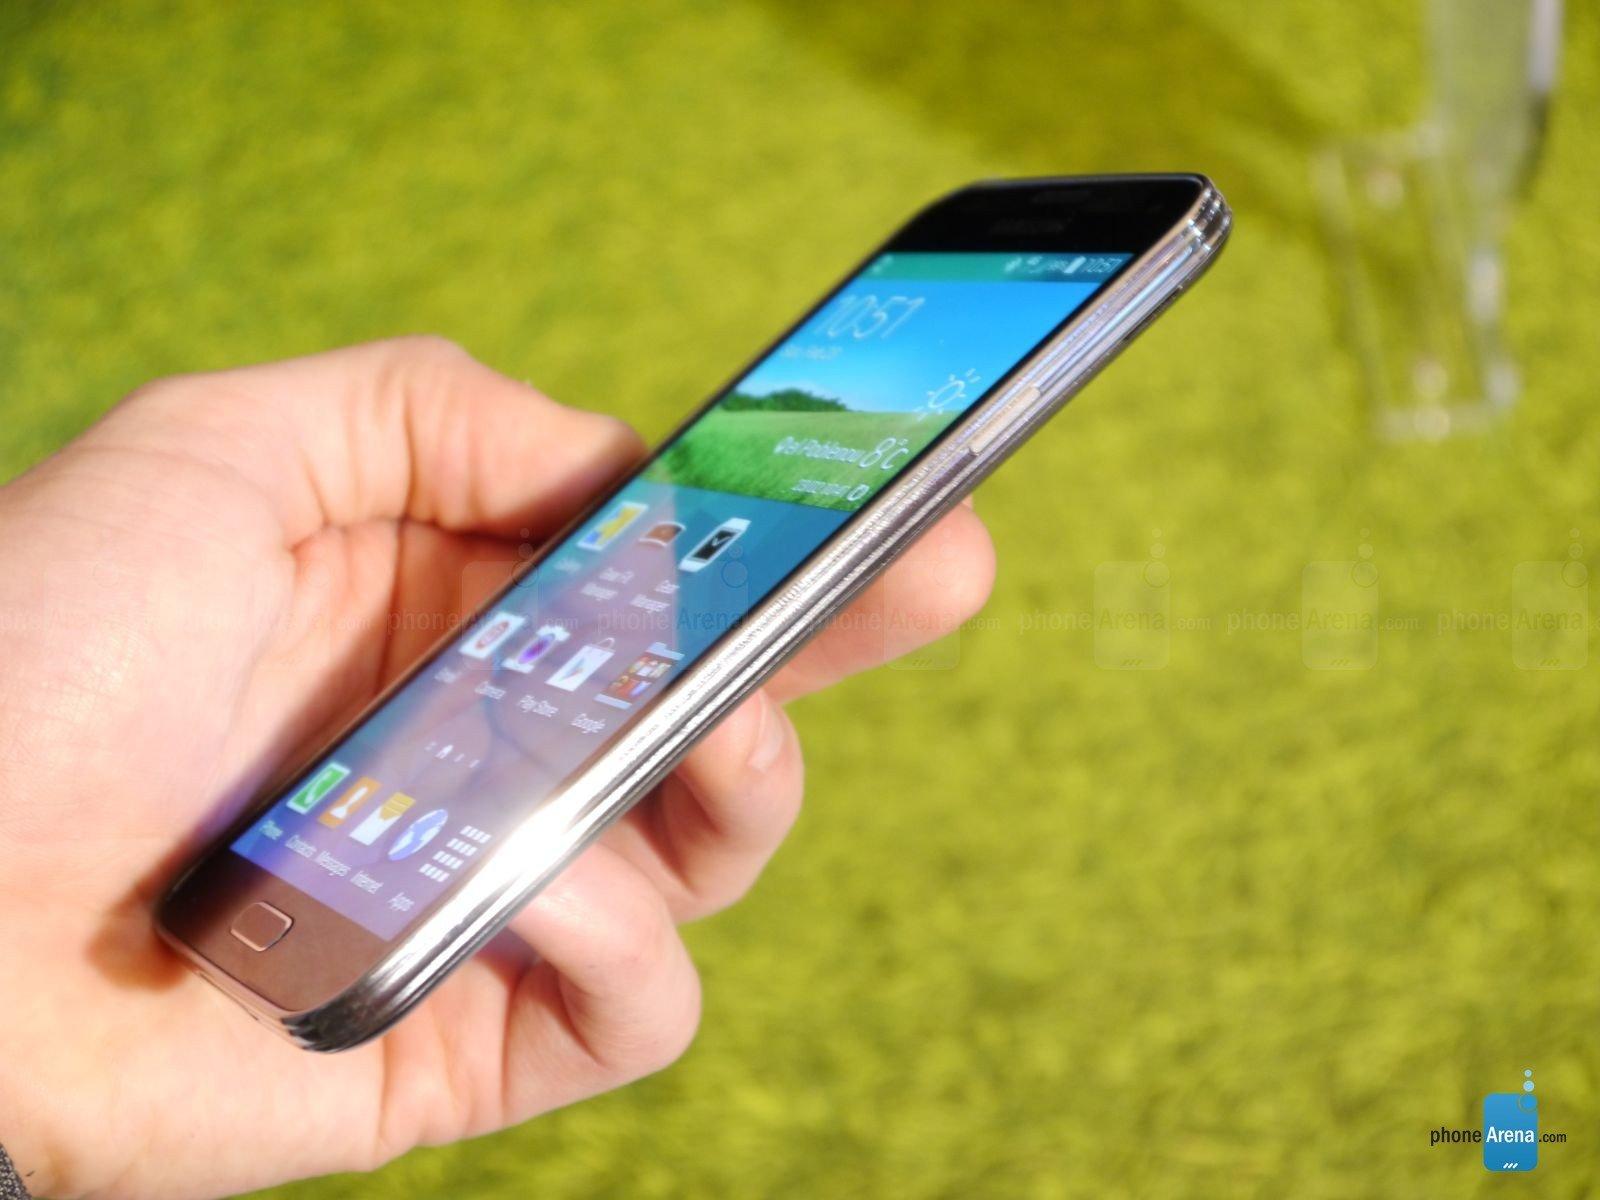 Trên tay Galaxy S5 - Siêu phẩm đến từ Samsung 10